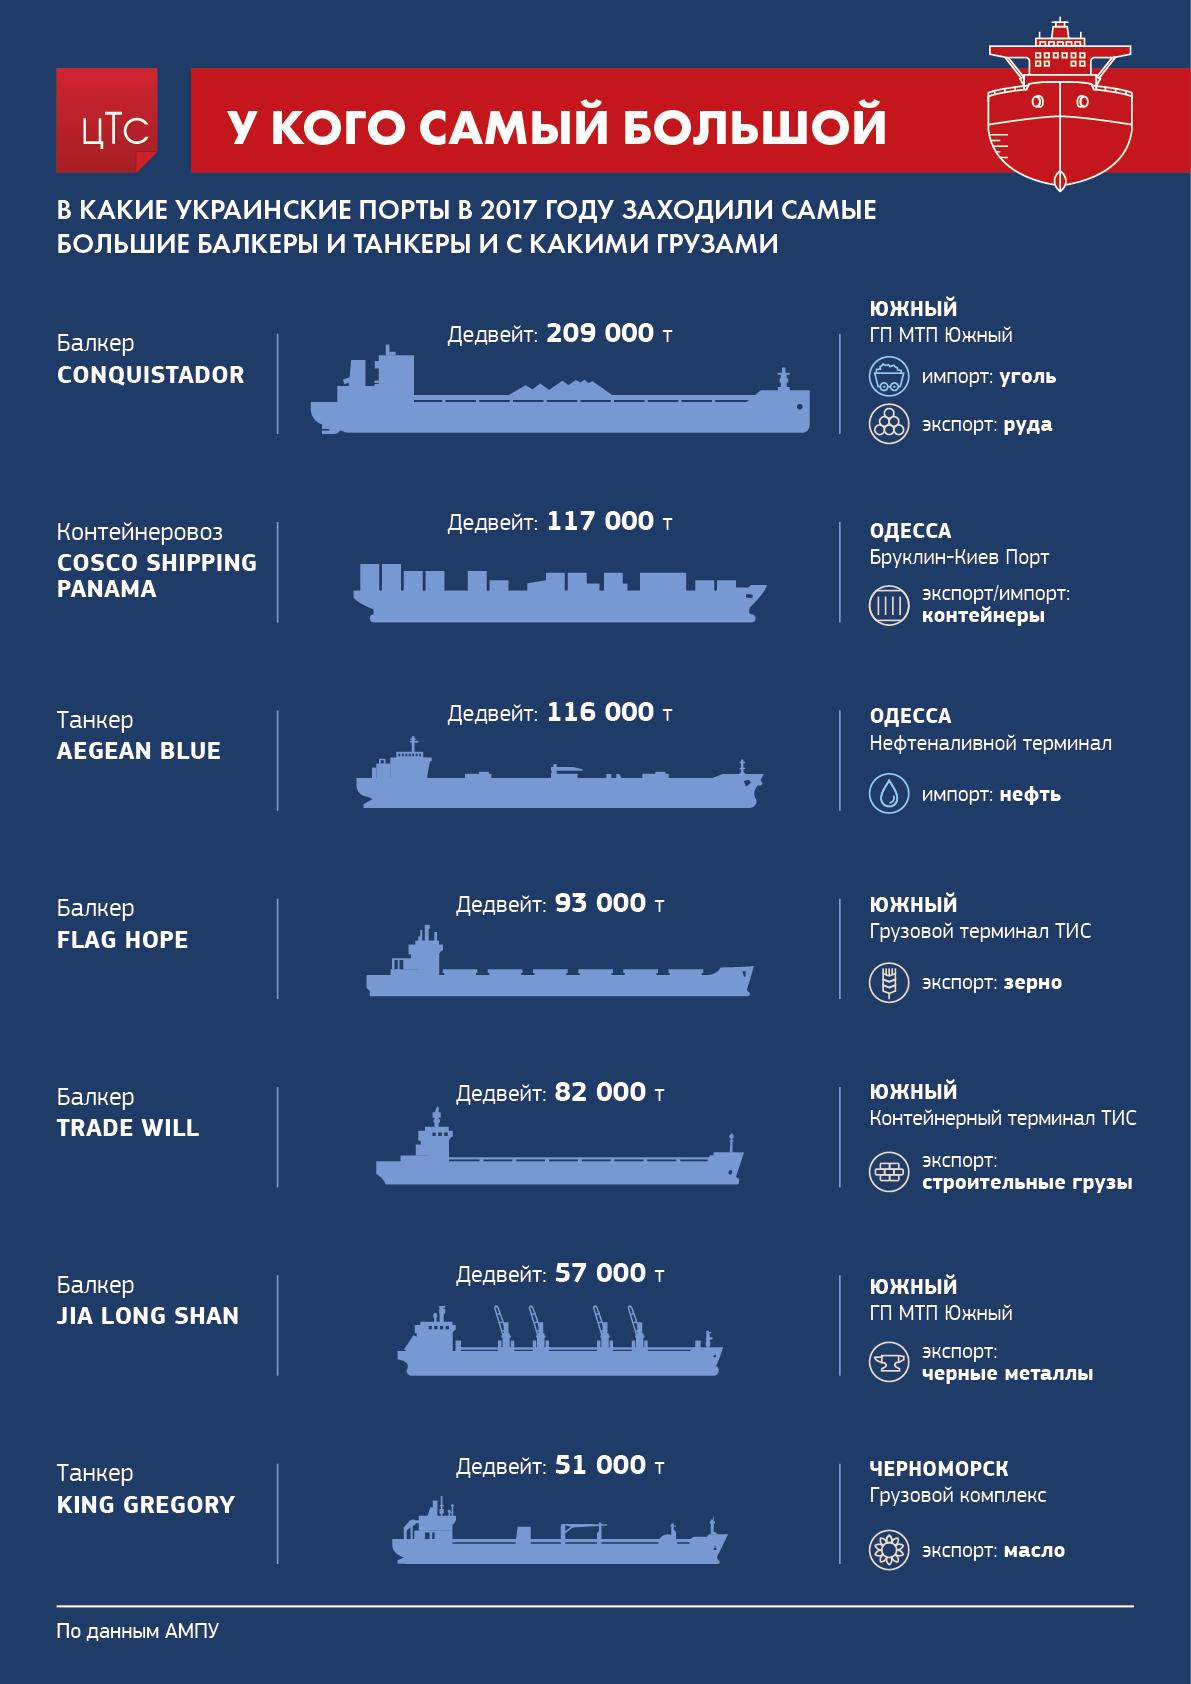 Крупнейшие суда в украинских портах в 2017 году